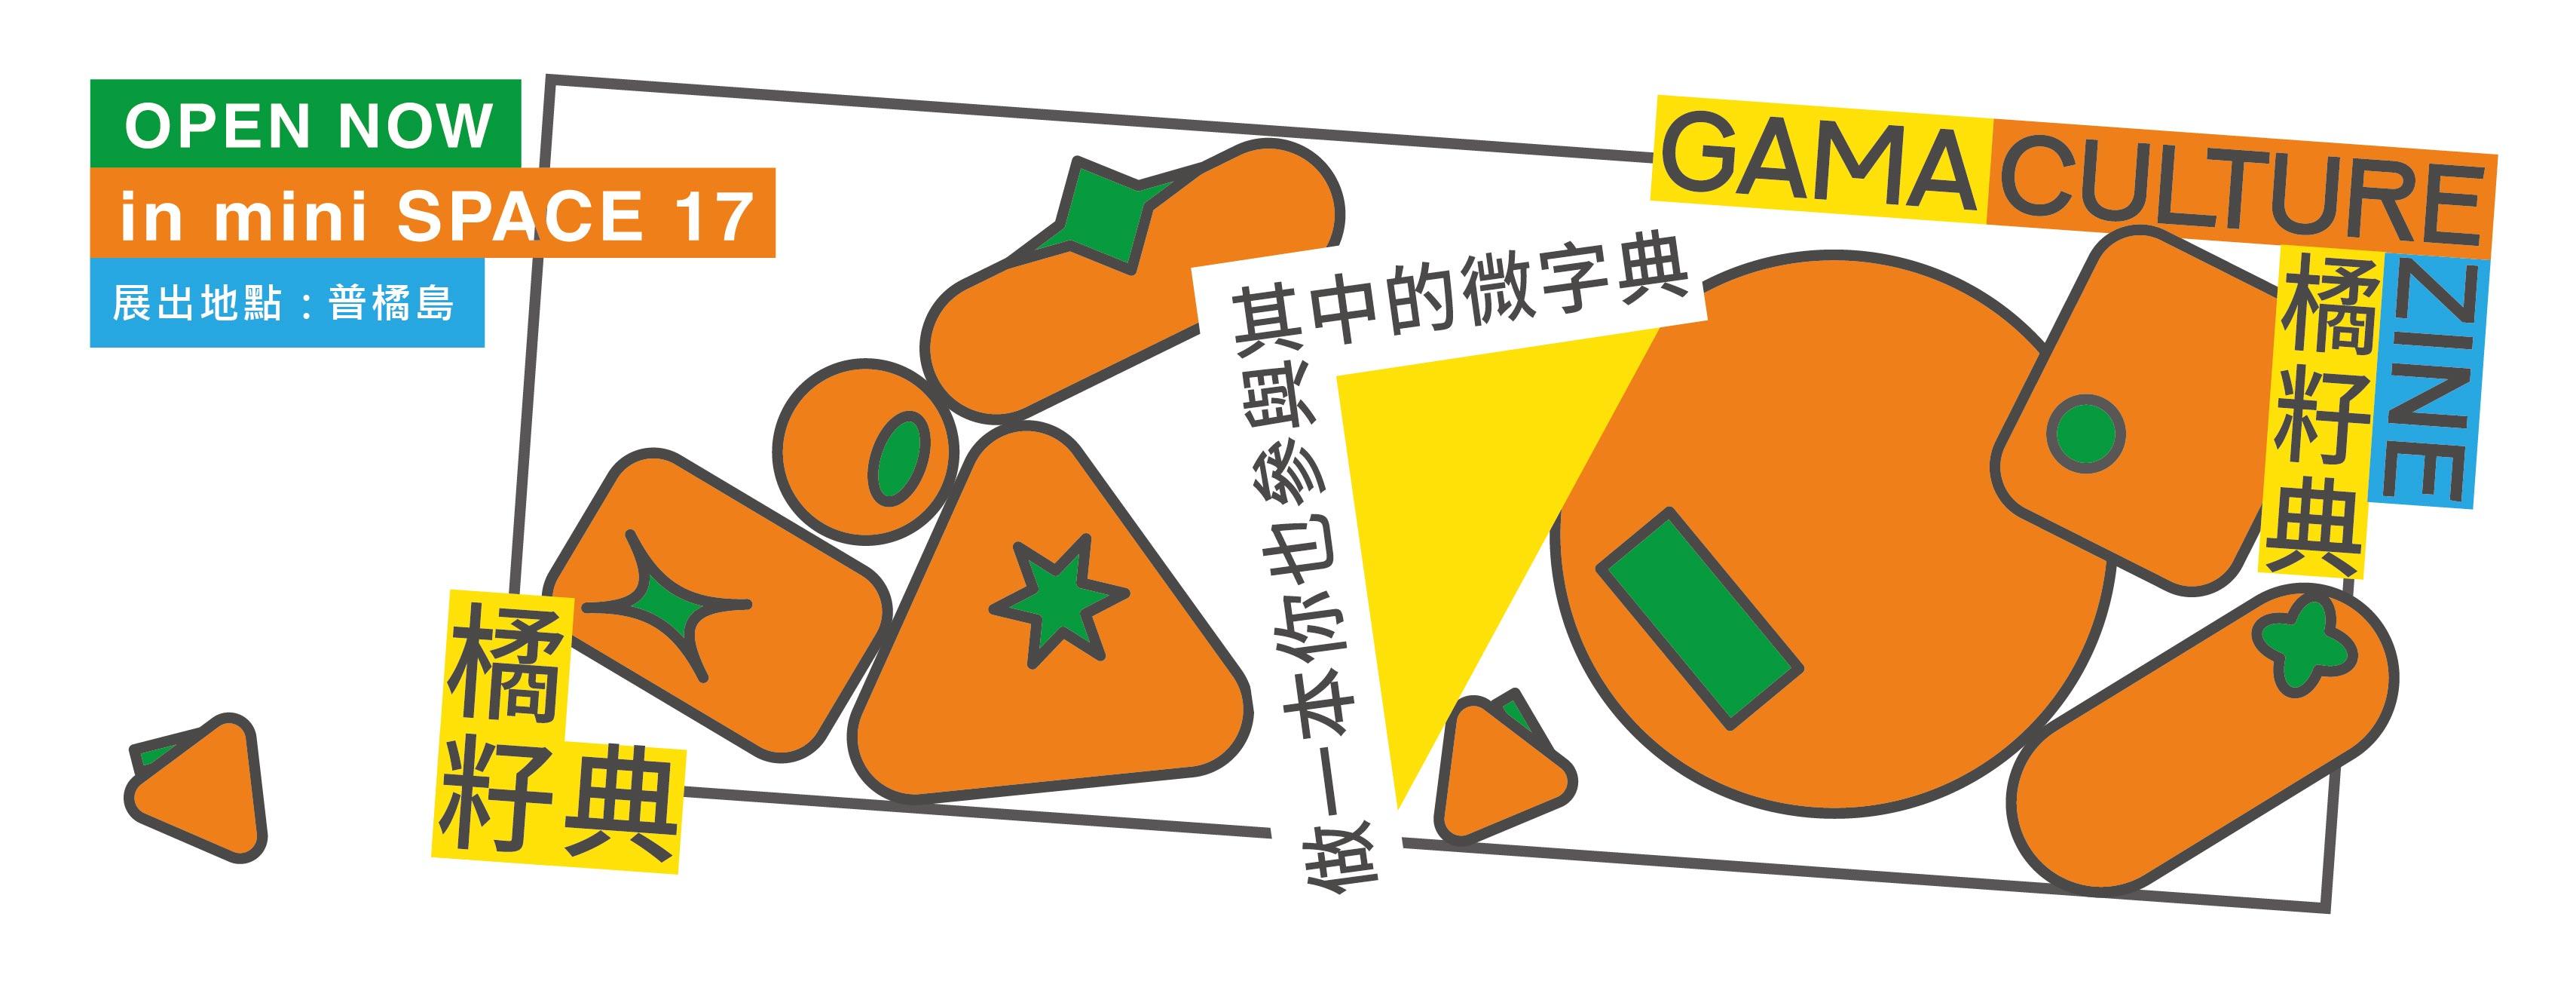 《橘籽典 Gama Culture Zine》─橘文化的最強攻略